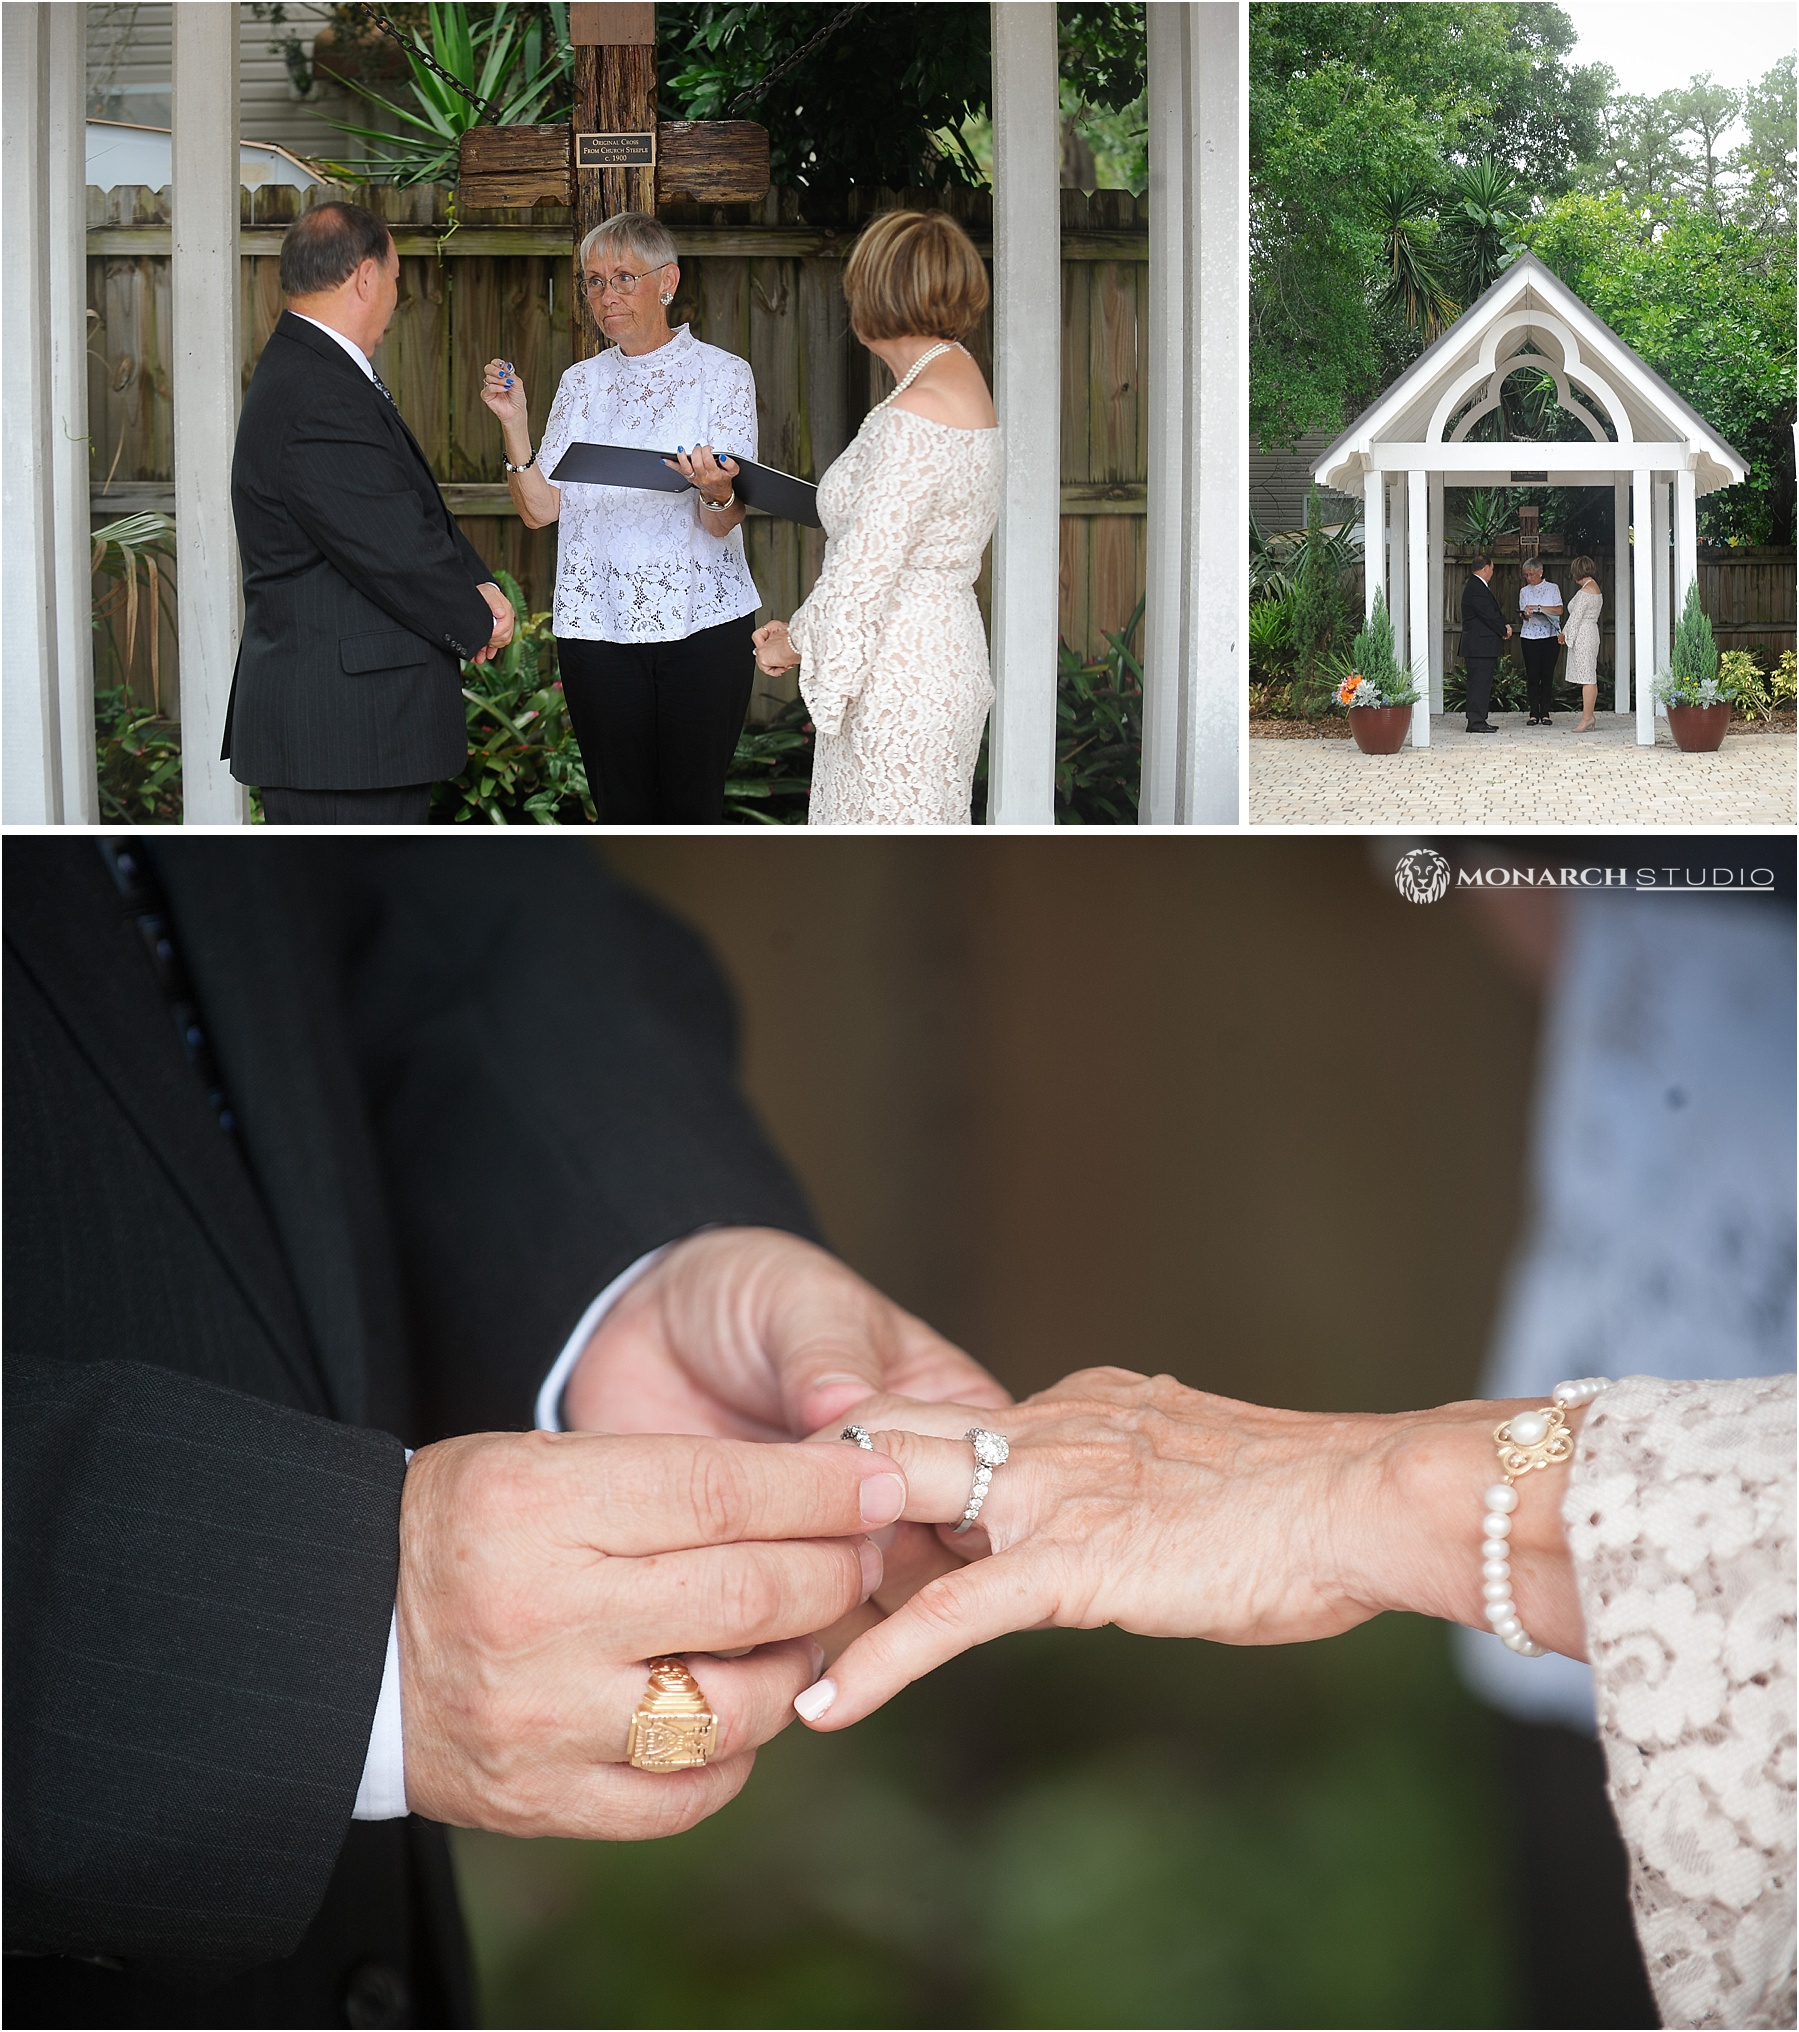 st-augustine-elopement-wedding-photographer- (4).jpg